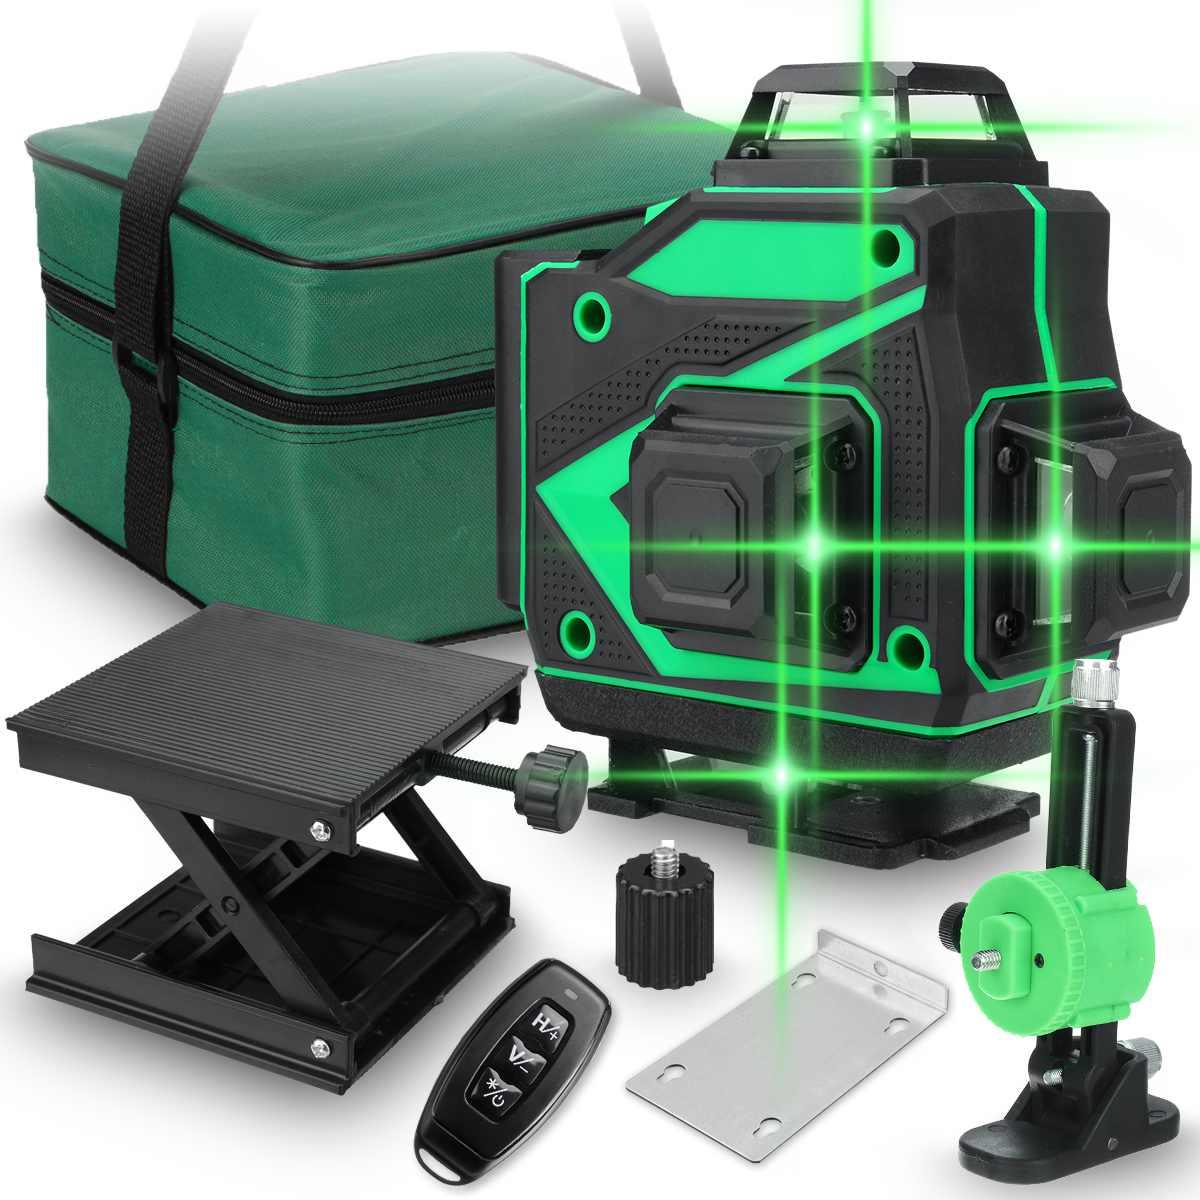 جهاز تسوية بالليزر بضوء أخضر على مستوى ليزر 360 من 16 خط ، جهاز تسوية بالليزر على مستوى شعاع ، أداة قياس عمودية أفقية للتسوية الذاتية